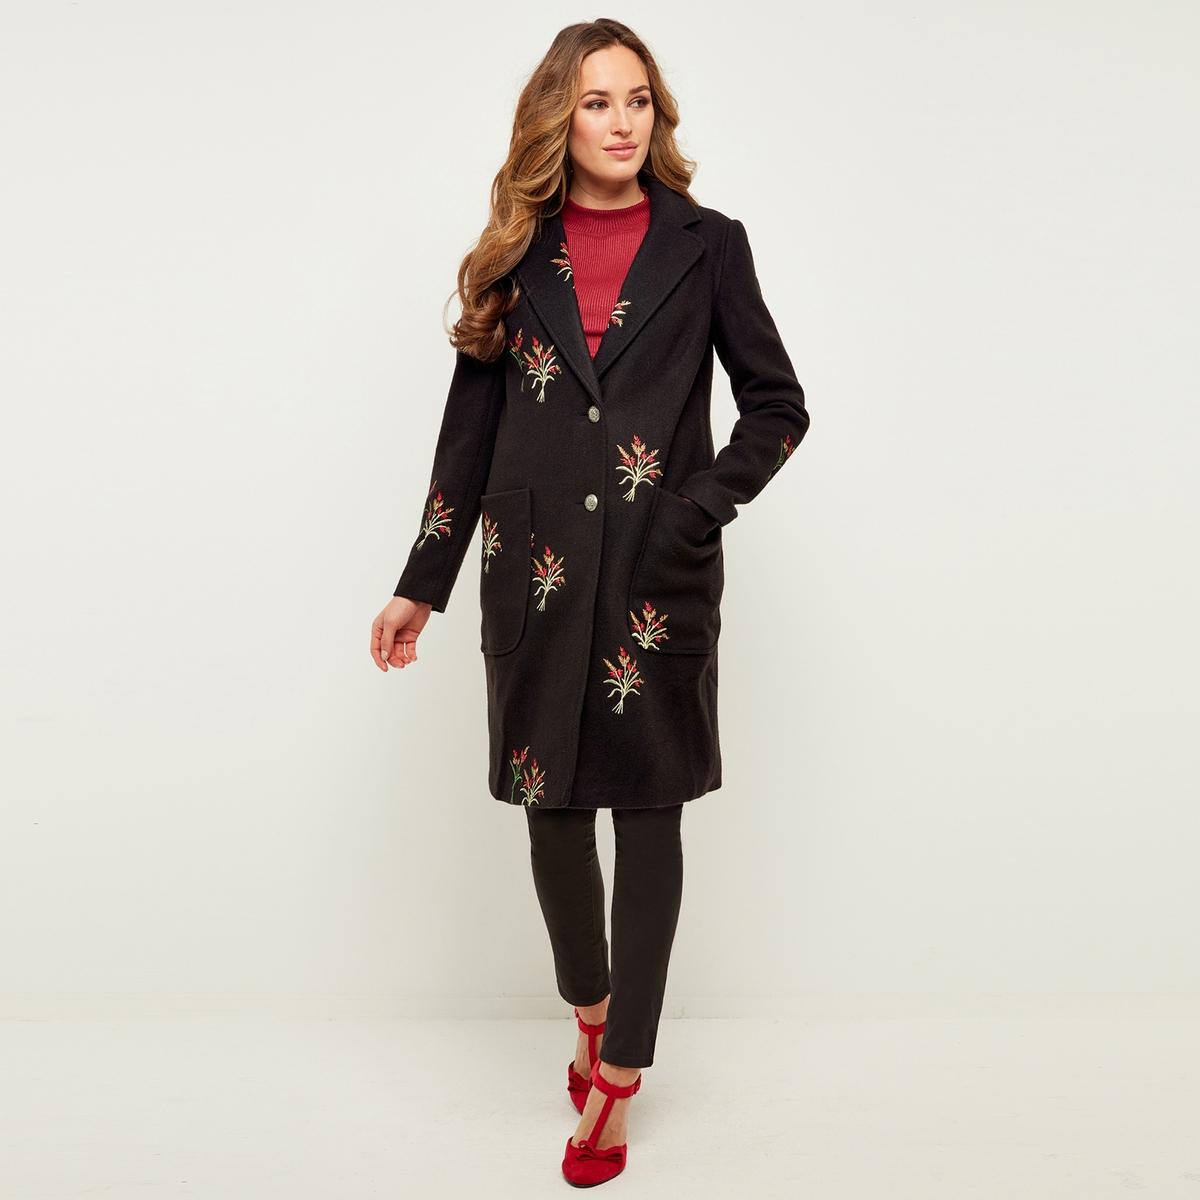 Mantel mit floraler Stickerei und Knopfverschluss | Bekleidung > Mäntel > Sonstige Mäntel | Schwarz | Polyamid - Polyester | JOE BROWNS